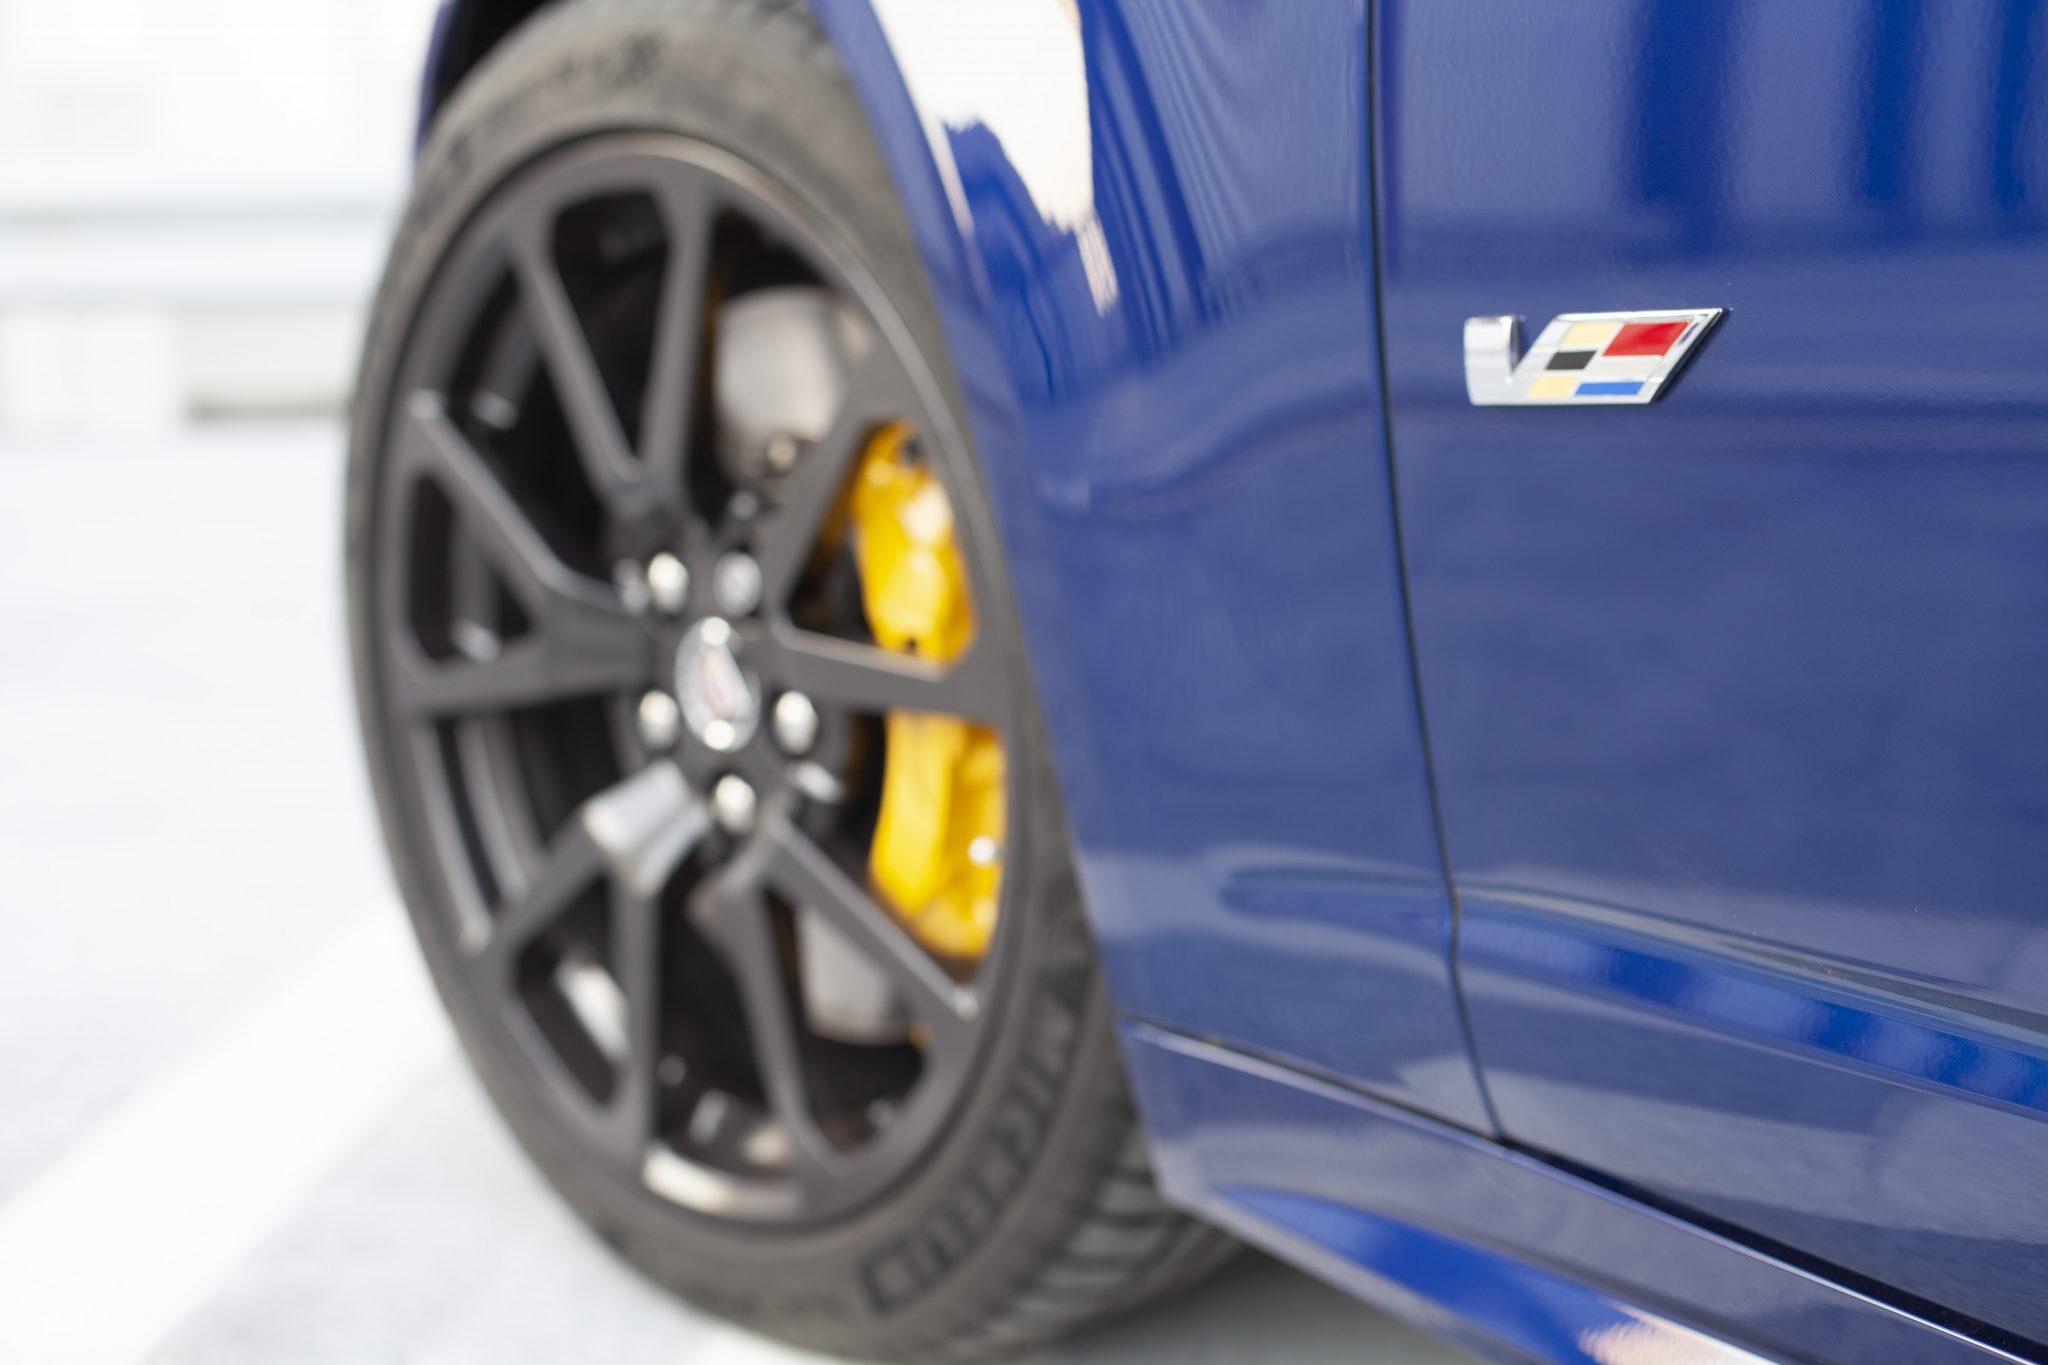 2012 Cadillac CTS-V Wagon badging